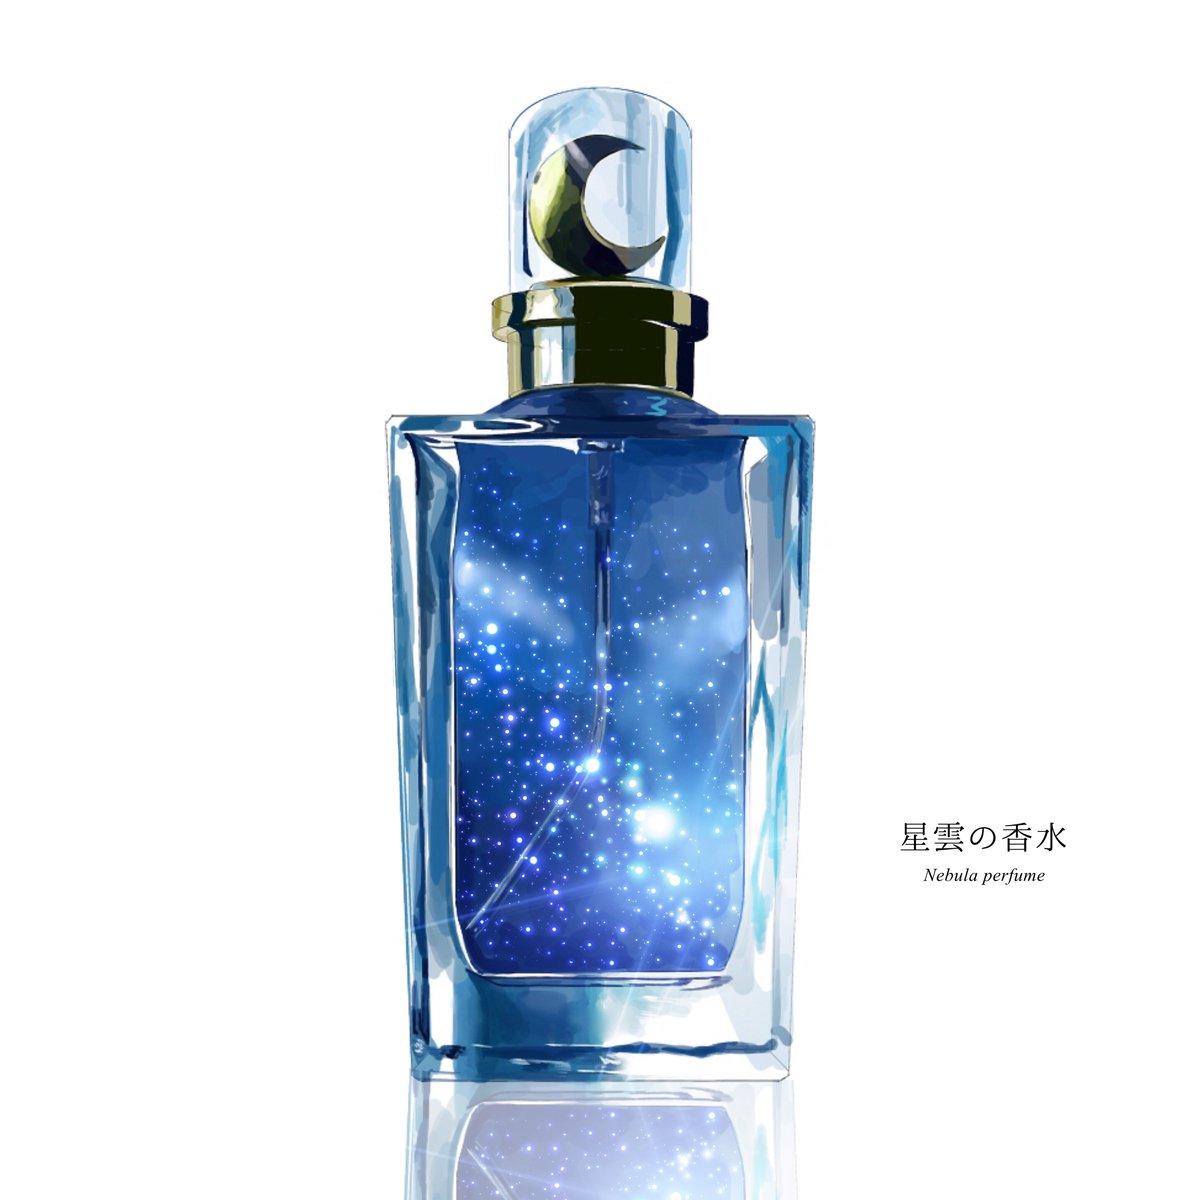 特別な日につける秘密の香水 貴方ならどの香水を選びますか?